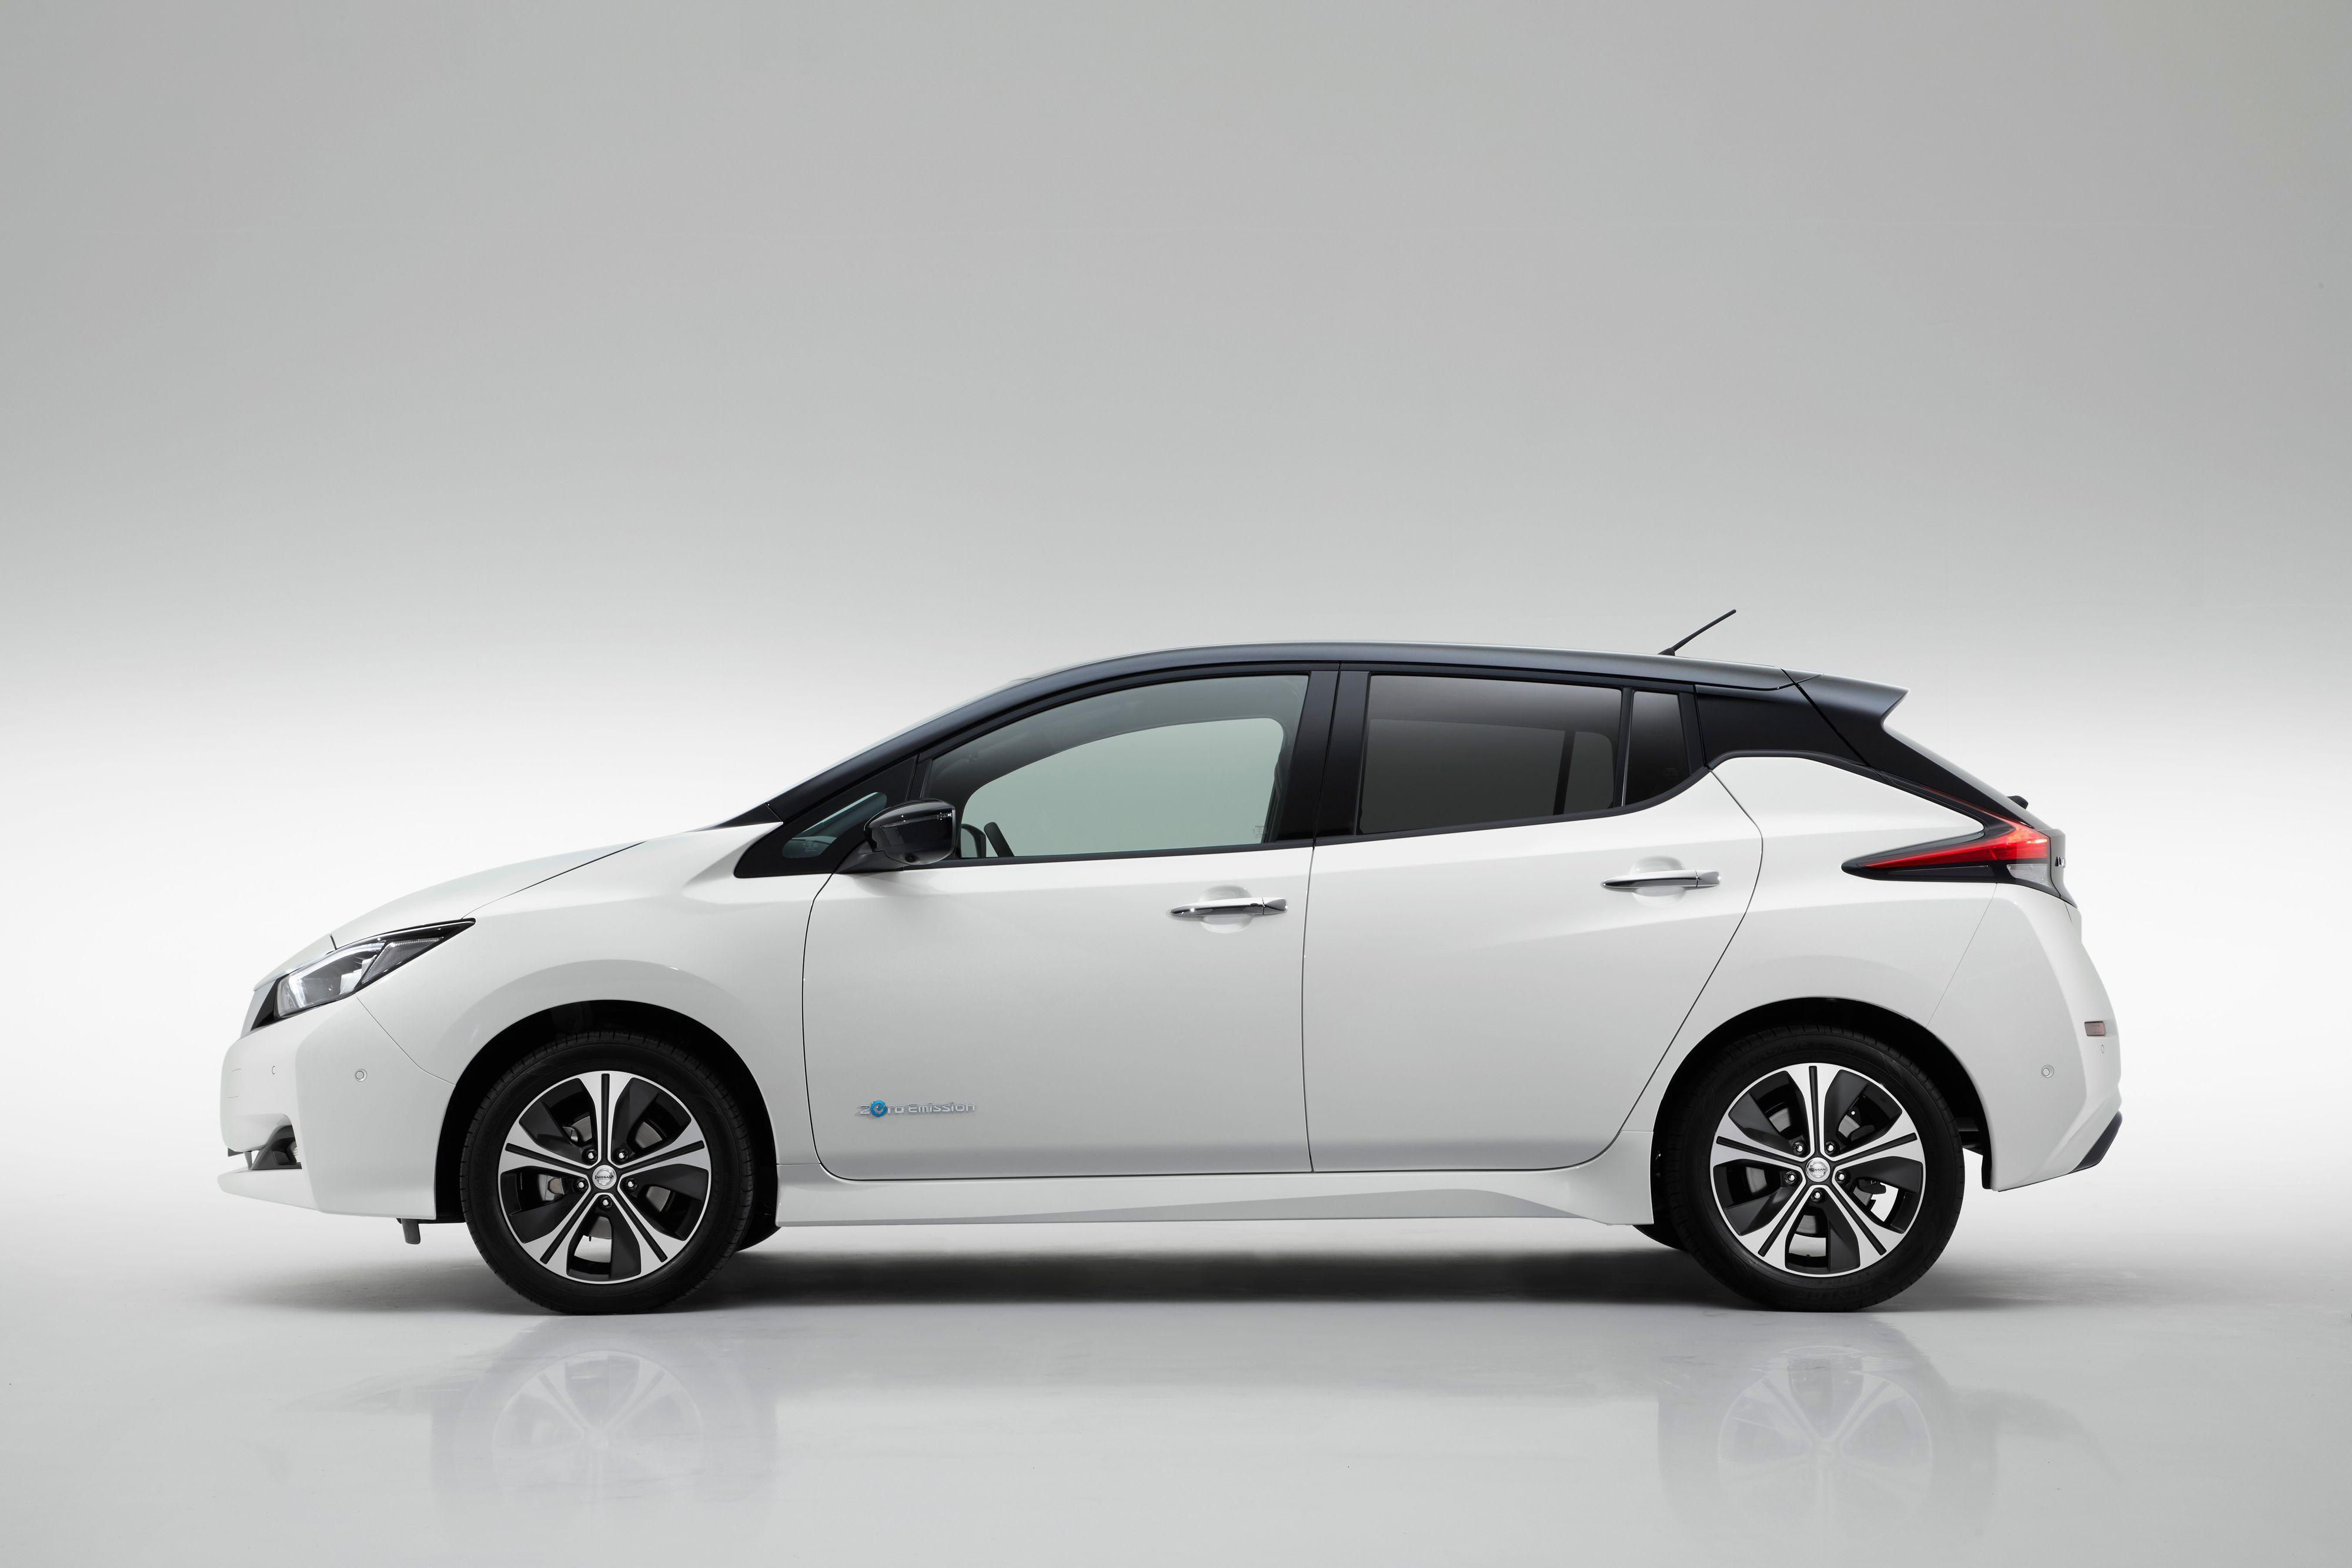 Nye Nissan Leaf har fått litt mindre spesielle linjer enn den forrige modellen.